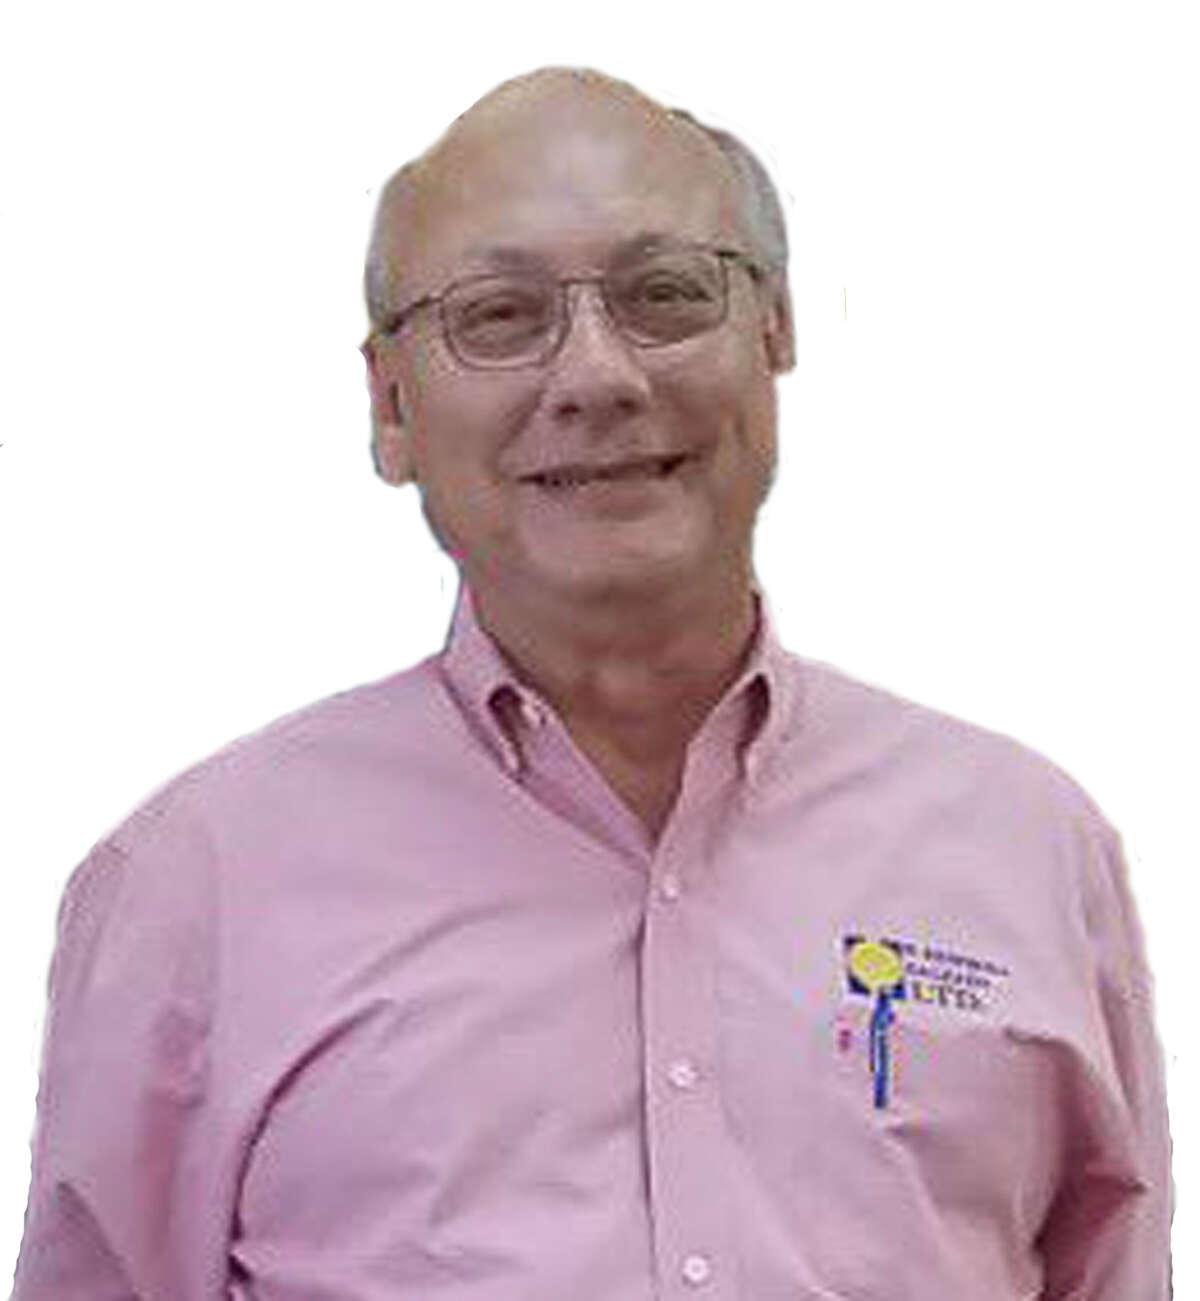 Francisco Torres Jr.